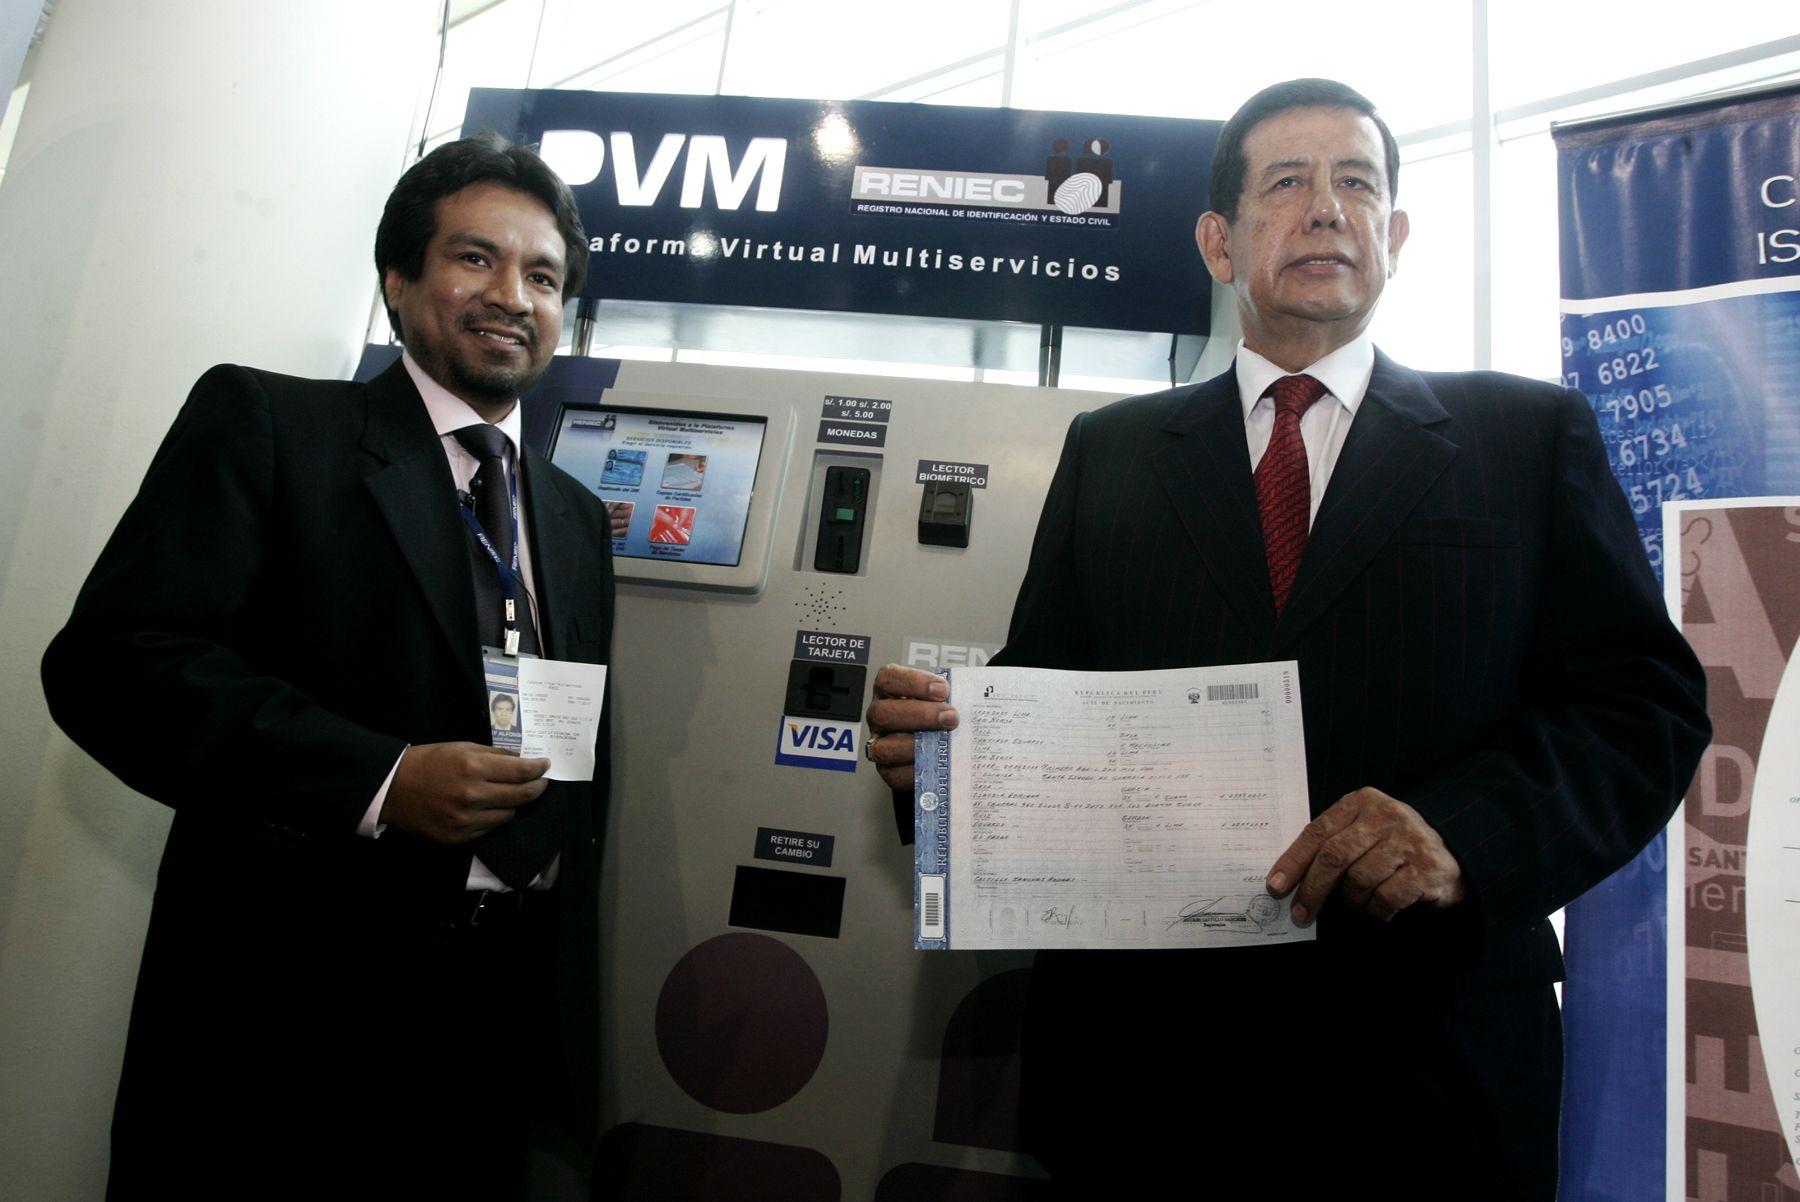 Presentación de la plataforma virtual multiservicios de Reniec (PVM) a cargo del Jefe de Reniec Eduardo Ruiz Botto. Foto: ANDINA / Rafael Cornejo